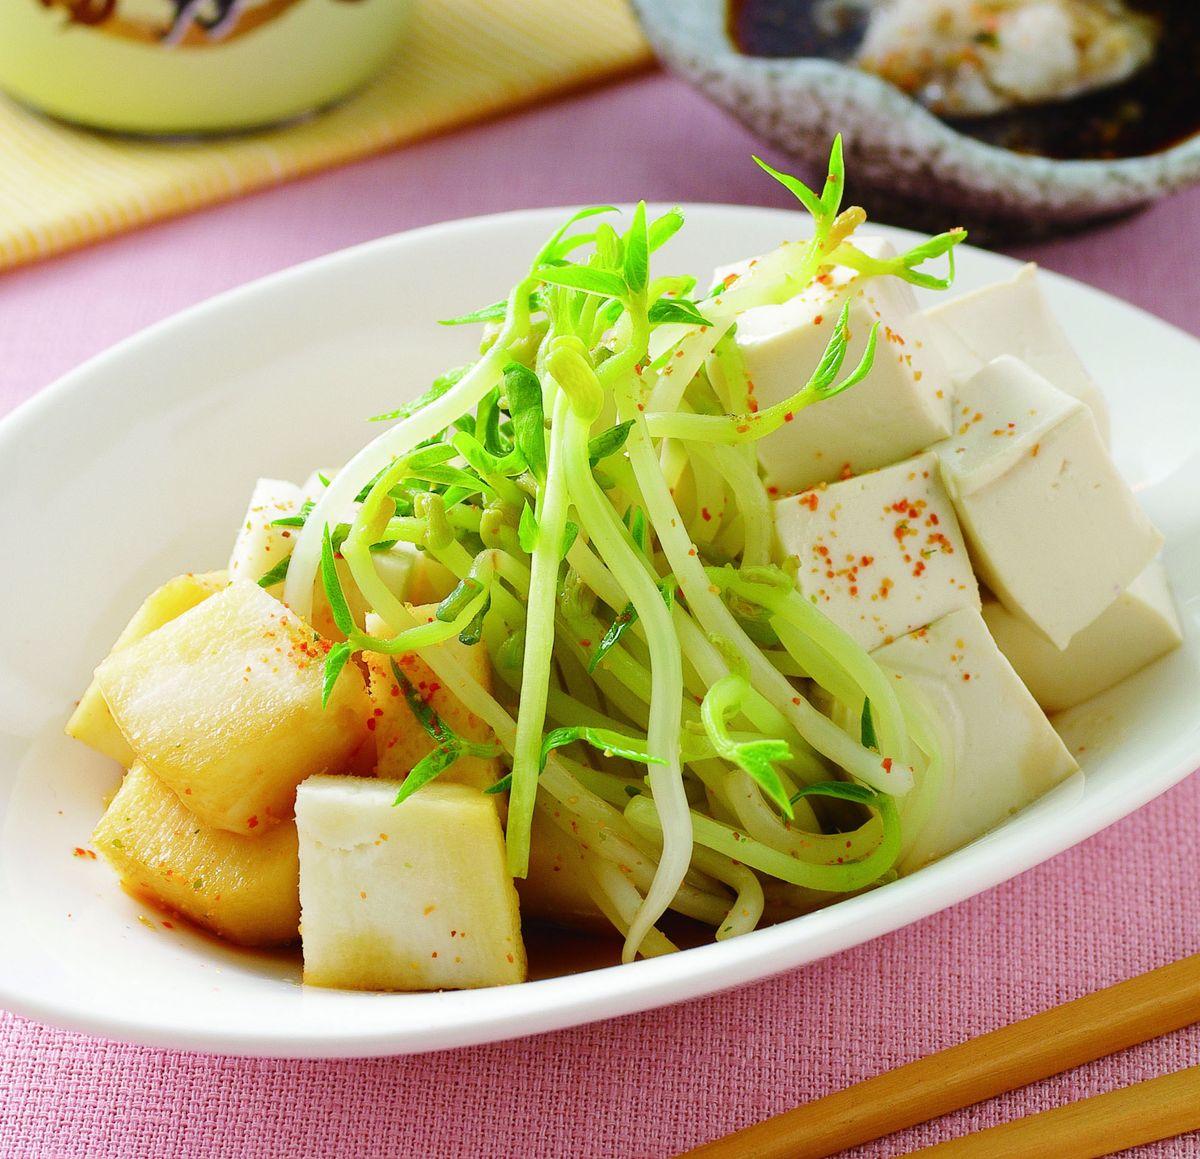 食譜:鮮嫩三味佐辣蘿蔔泥